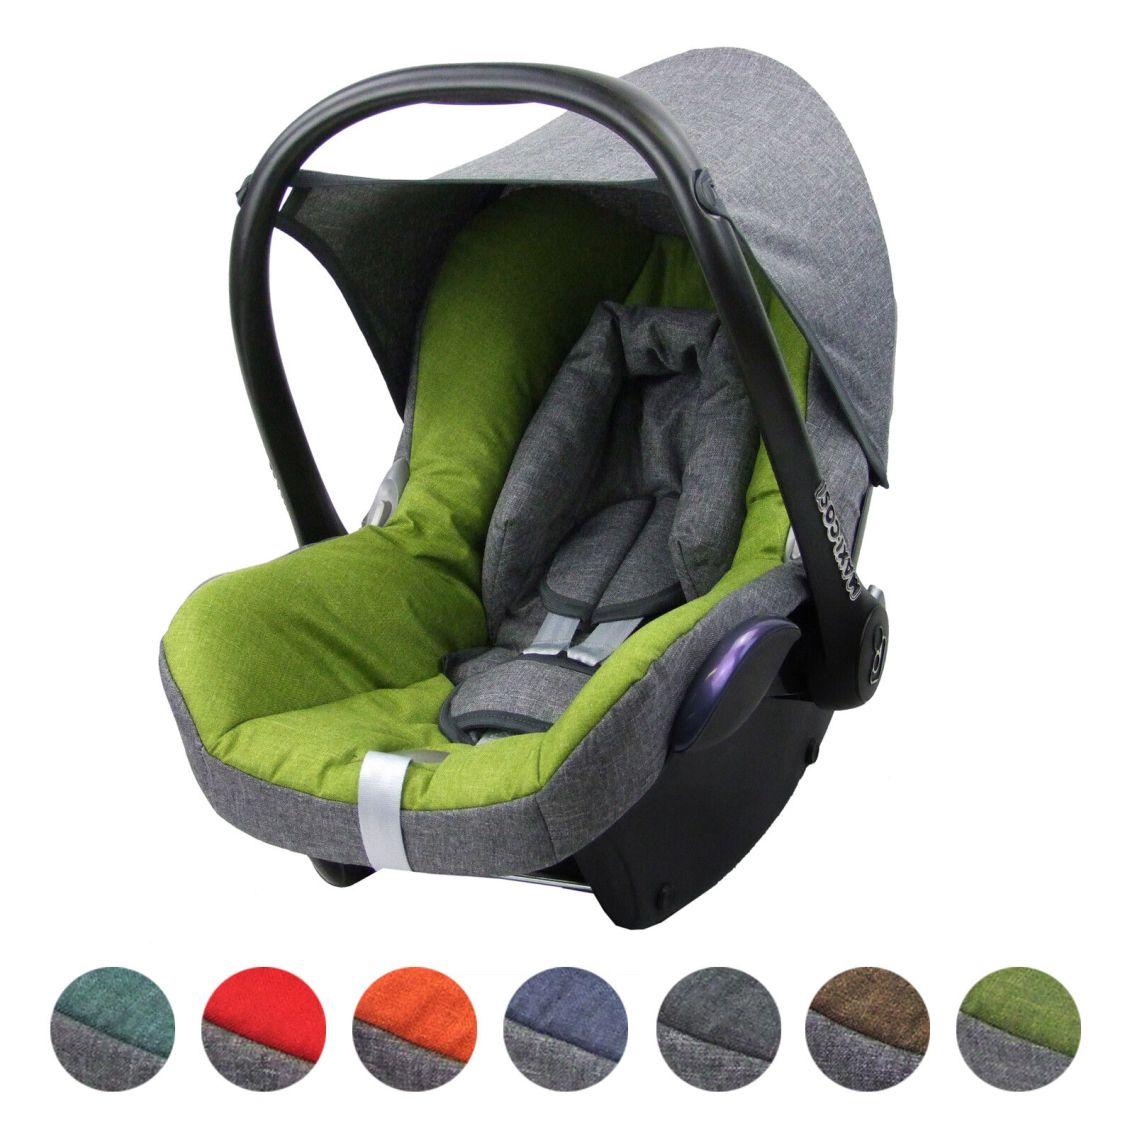 BAMBINIWELT Ersatzbezug Bezug für die Babyschale Maxi-Cosi CabrioFix MELIERT